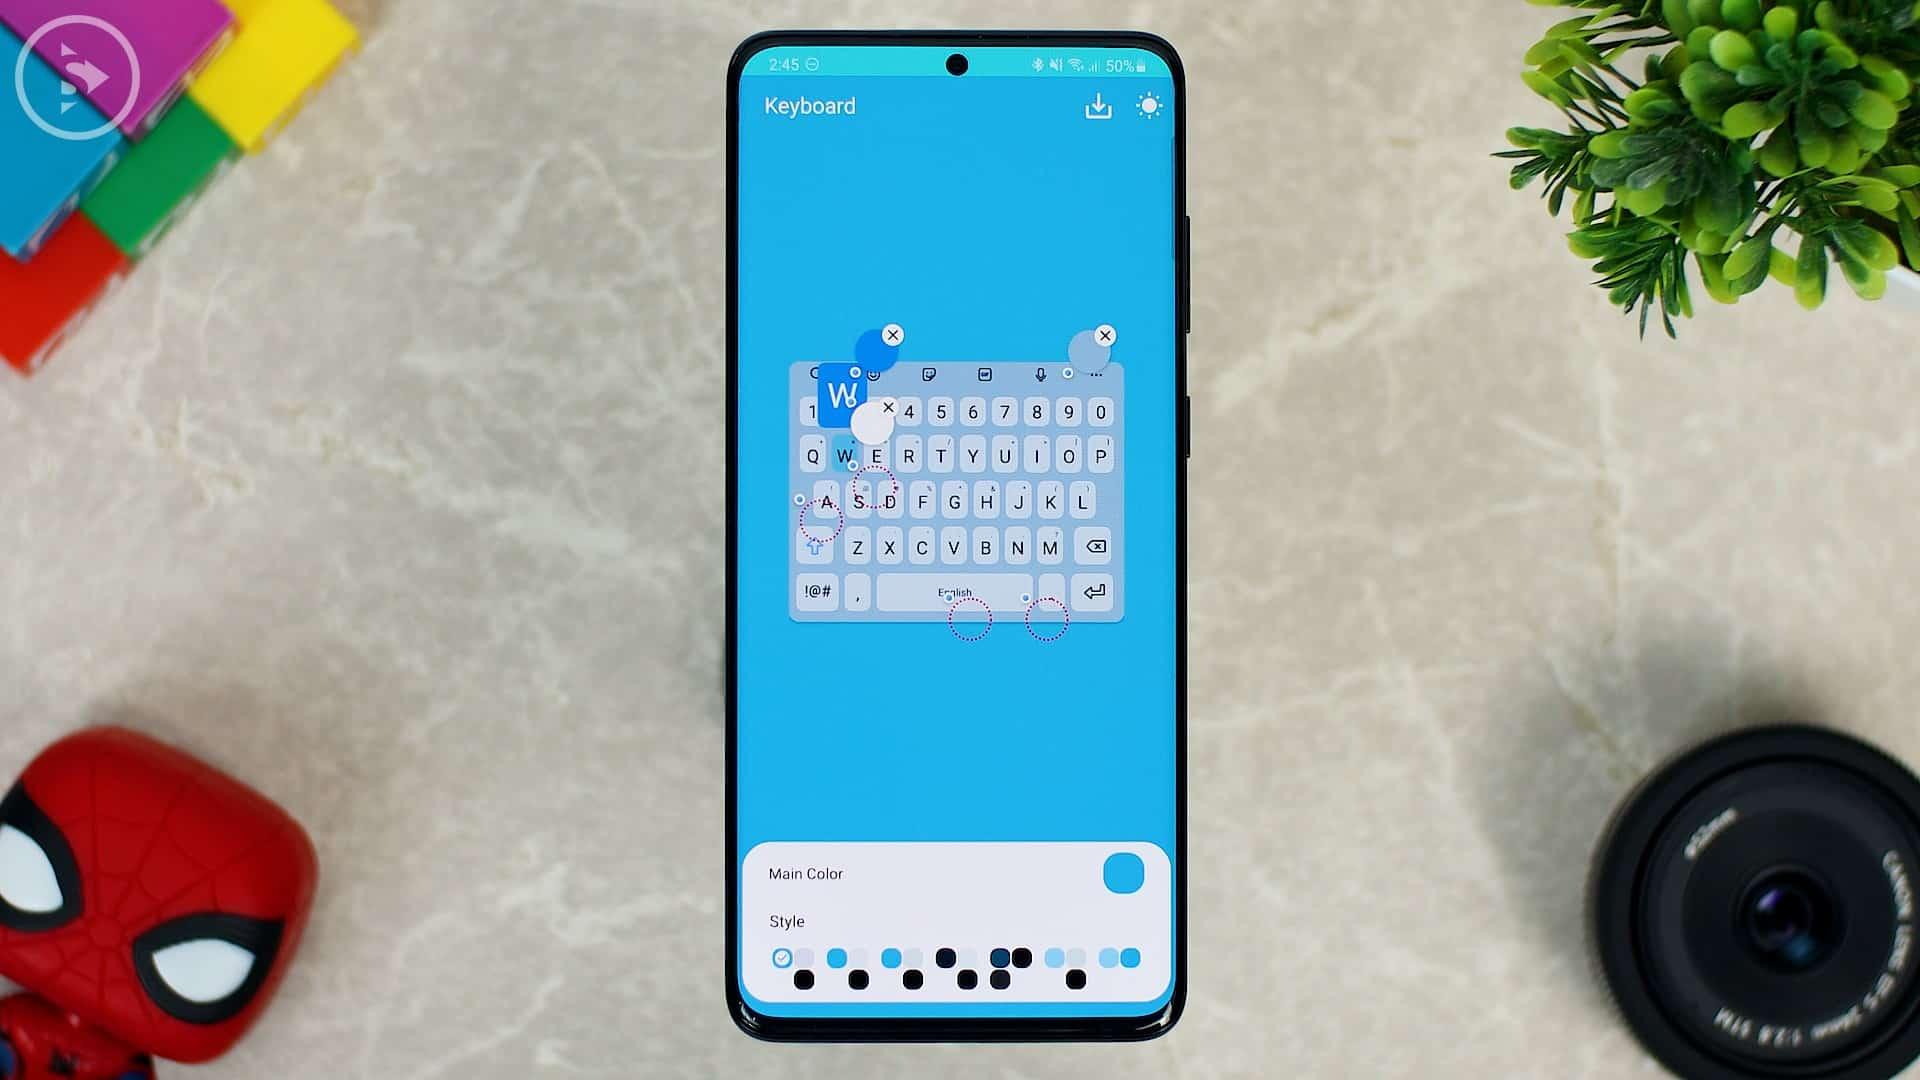 Cara Ganti Warna Keyboard di HP Samsung - Fitur Baru Good Lock - tampilan keyboard background agak gelap